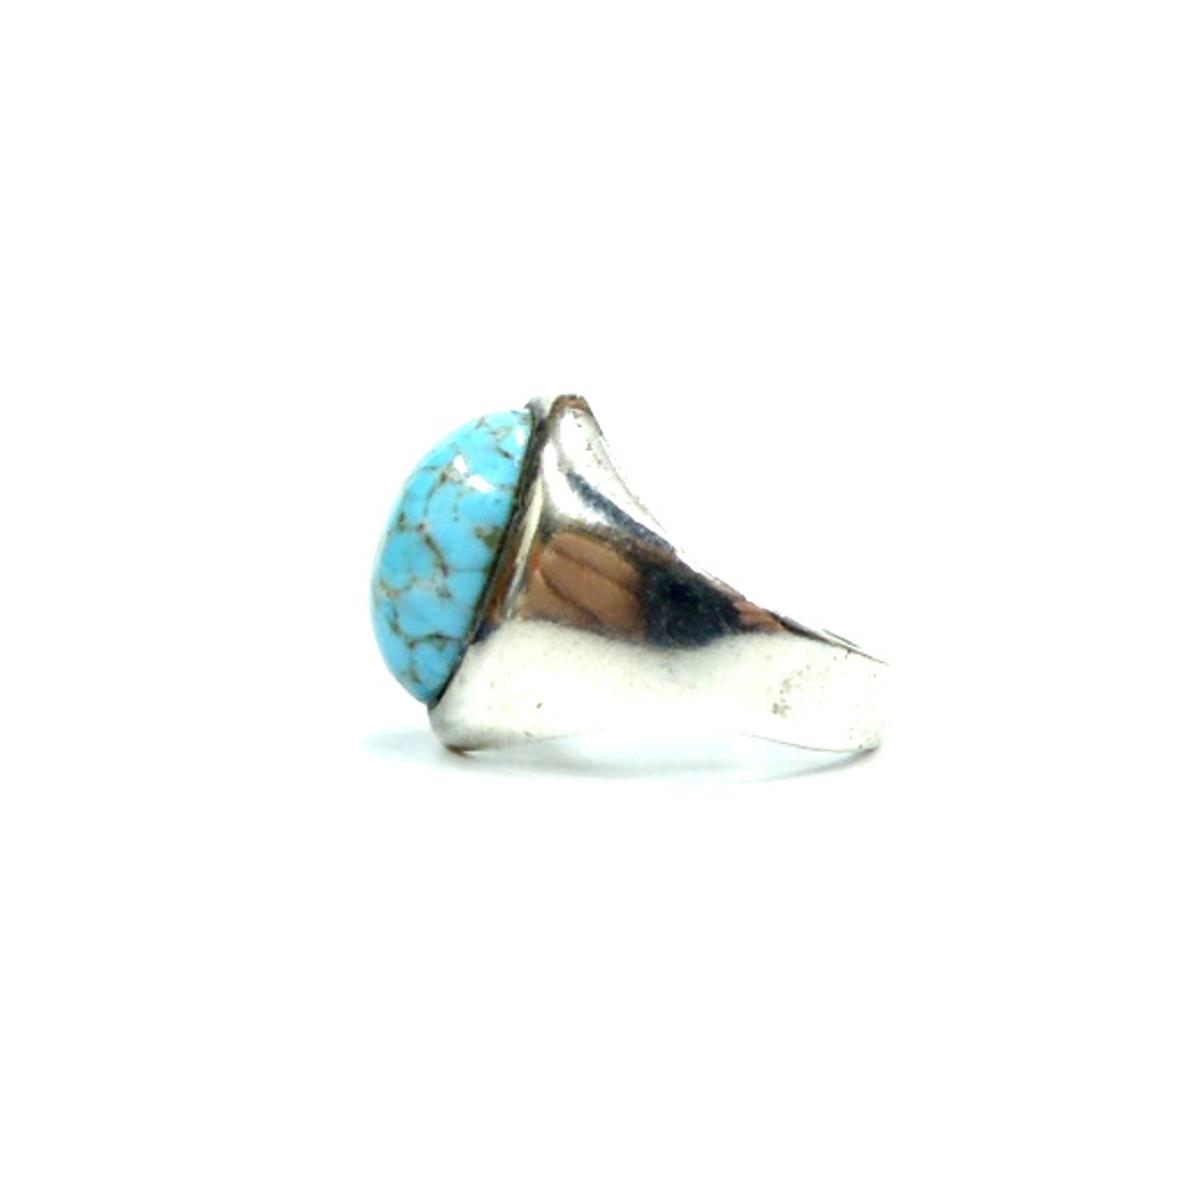 ☆送料無料☆ ビンテージ シルバー 925 メキシコ メキシカン リング インディアン ジュエリー ネイティブ レディース 指輪 アクセサリー_画像3